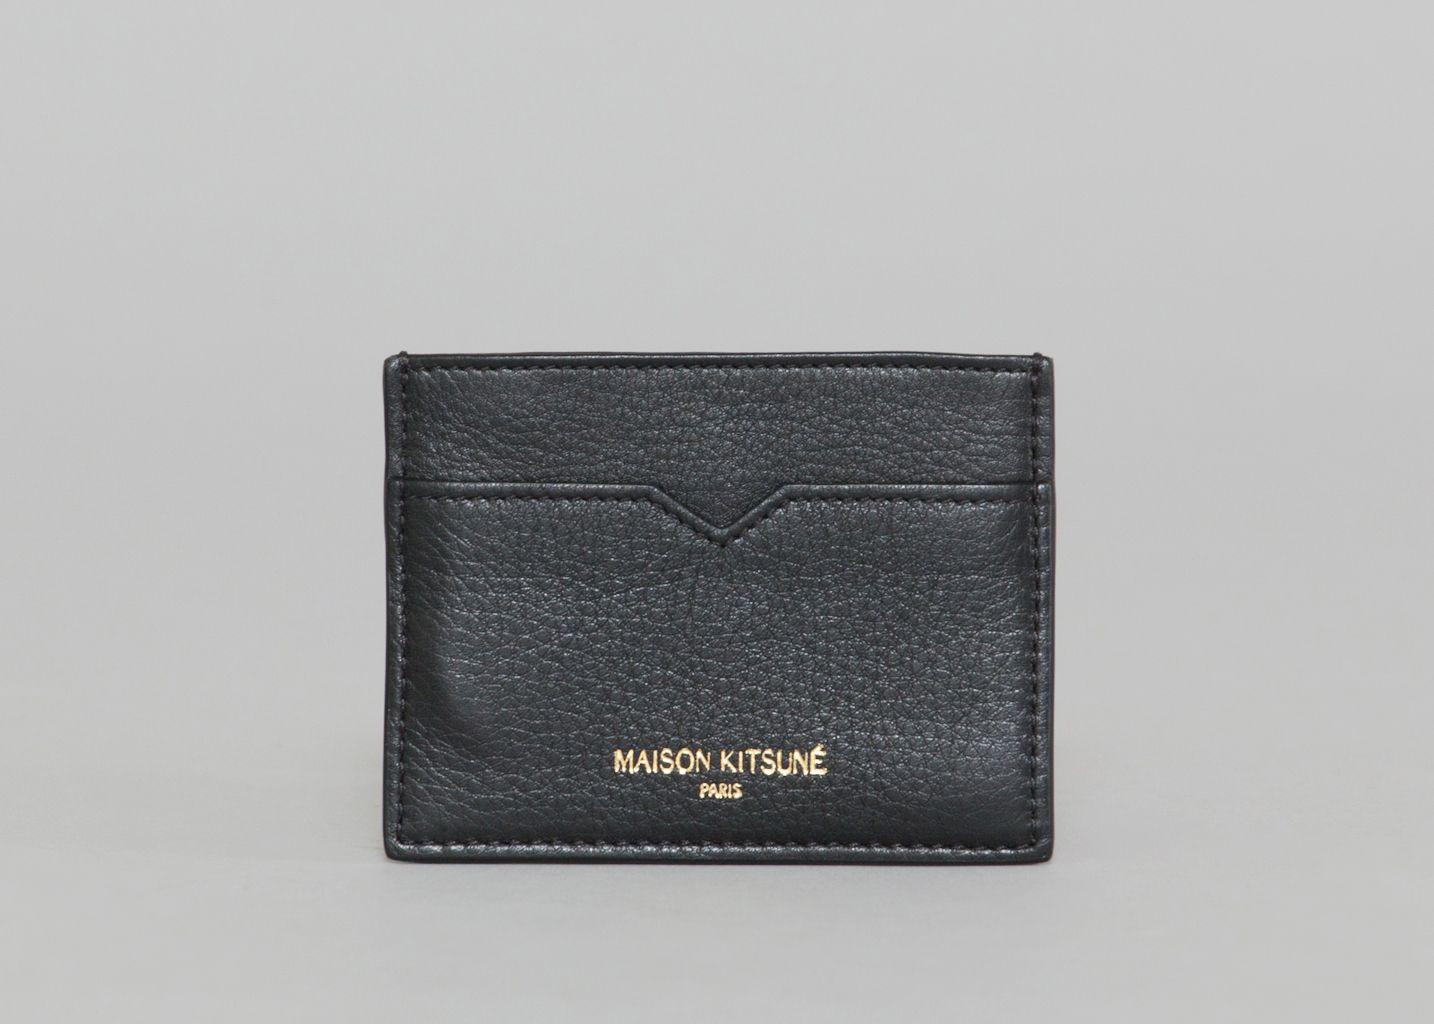 Porte-cartes en cuir italien structuré tI9rSK